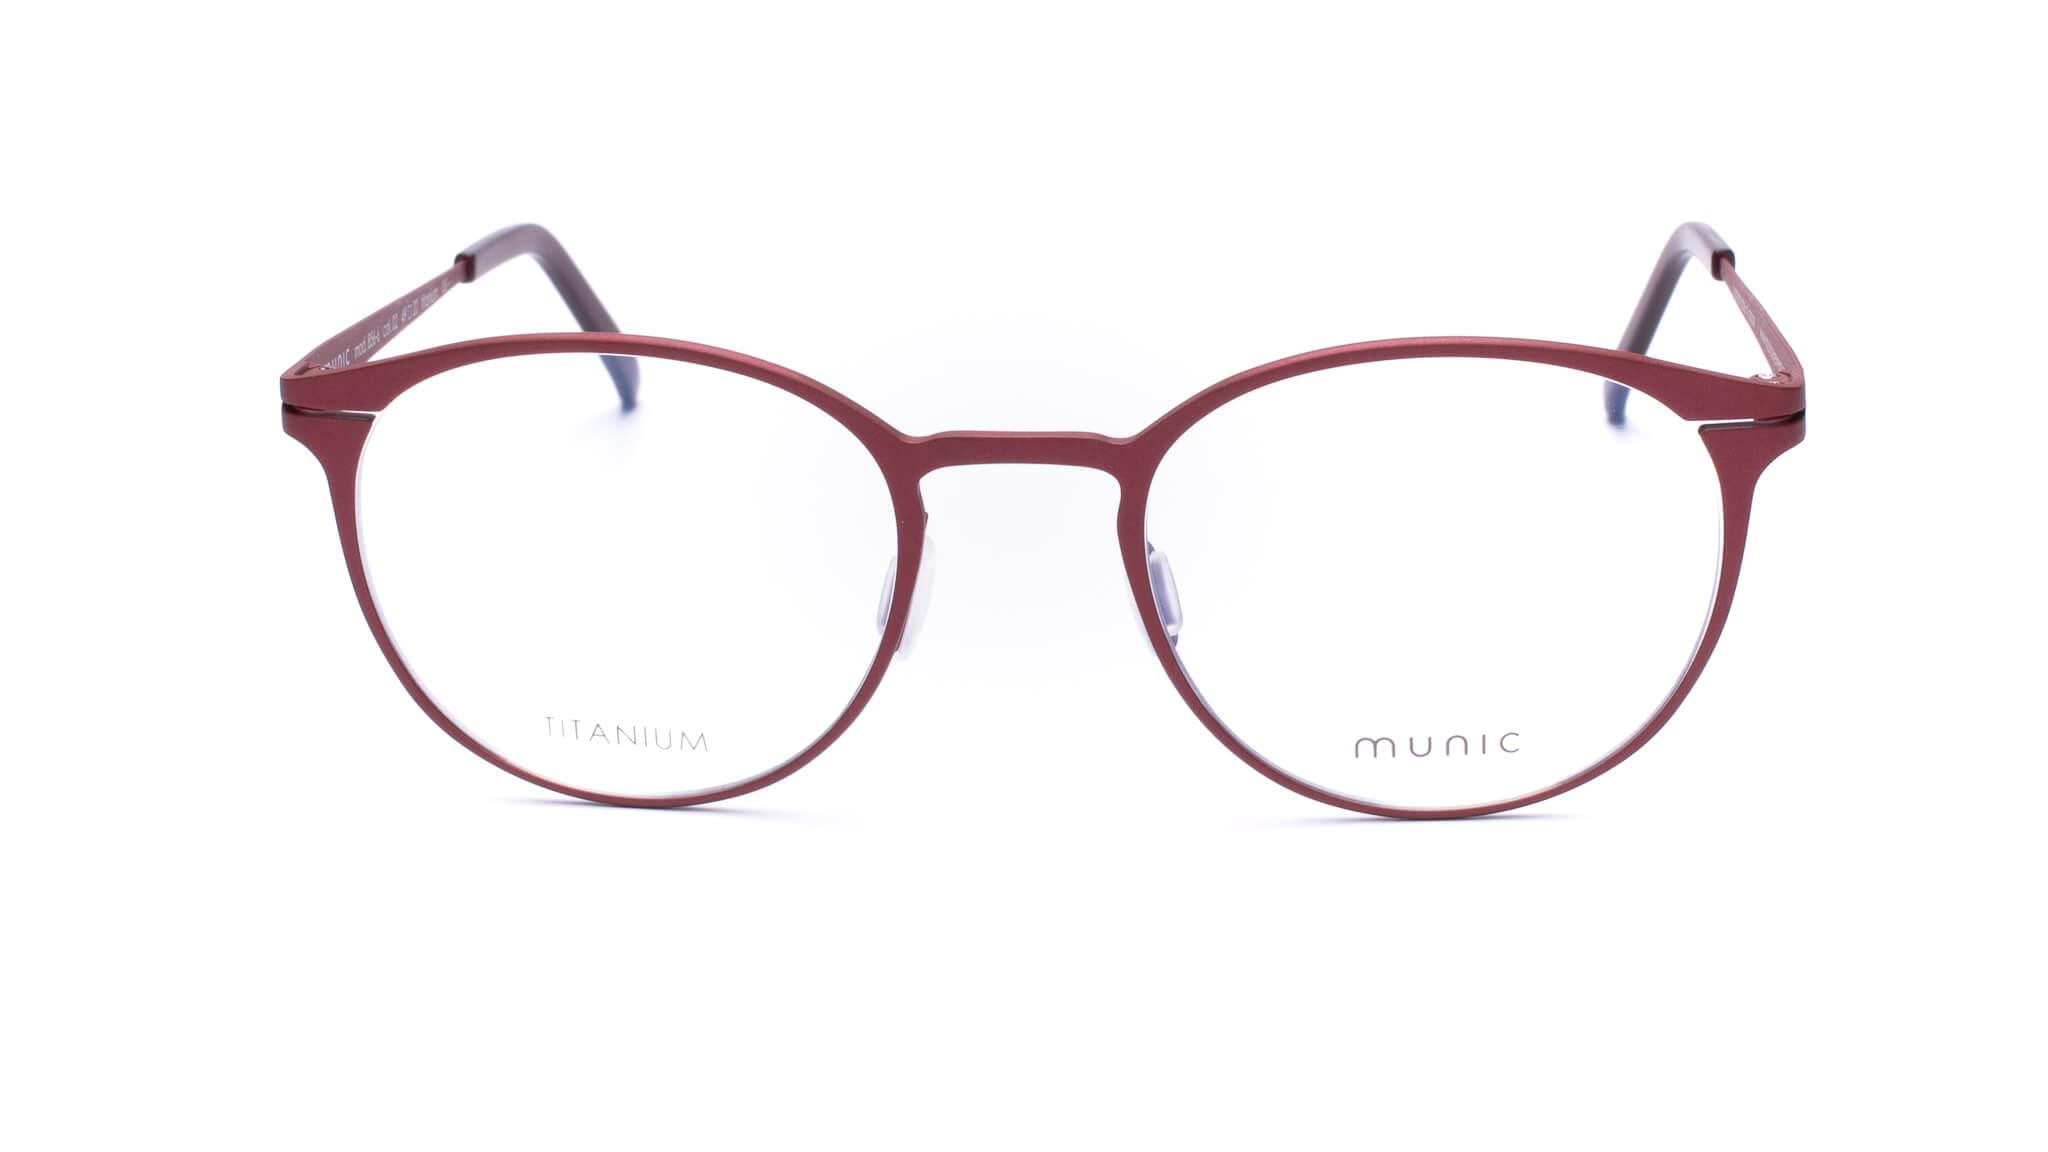 Munic Eyewear Twin Style